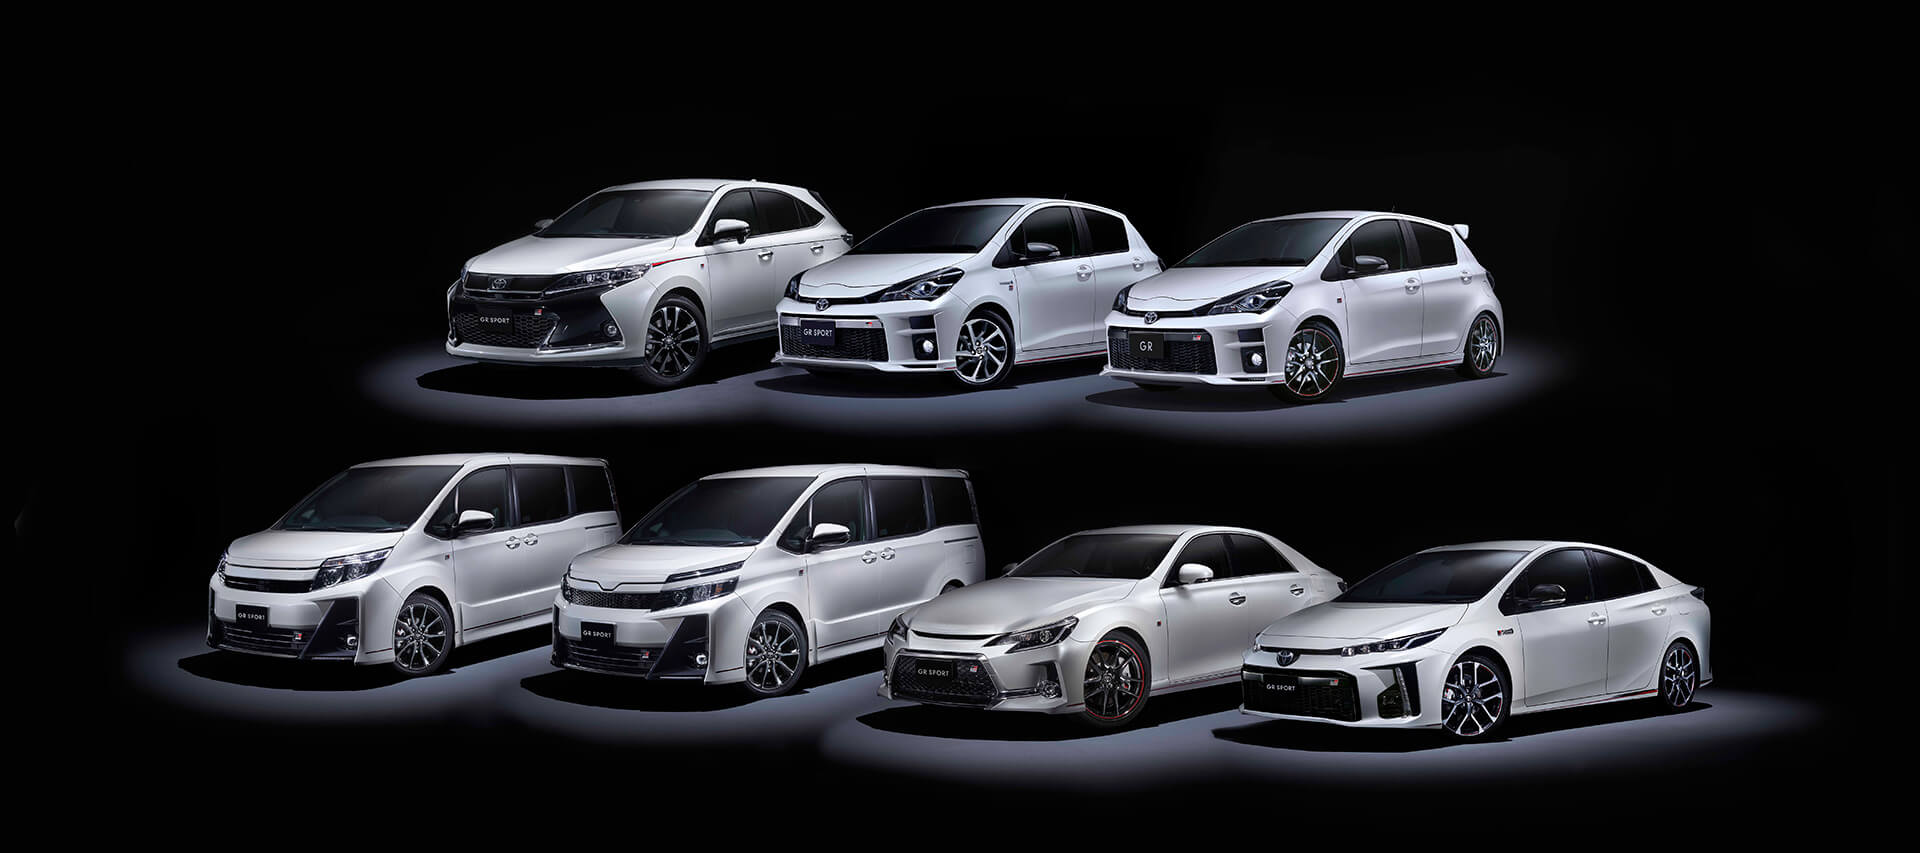 سلسلة سيارات تويوتا جي آر